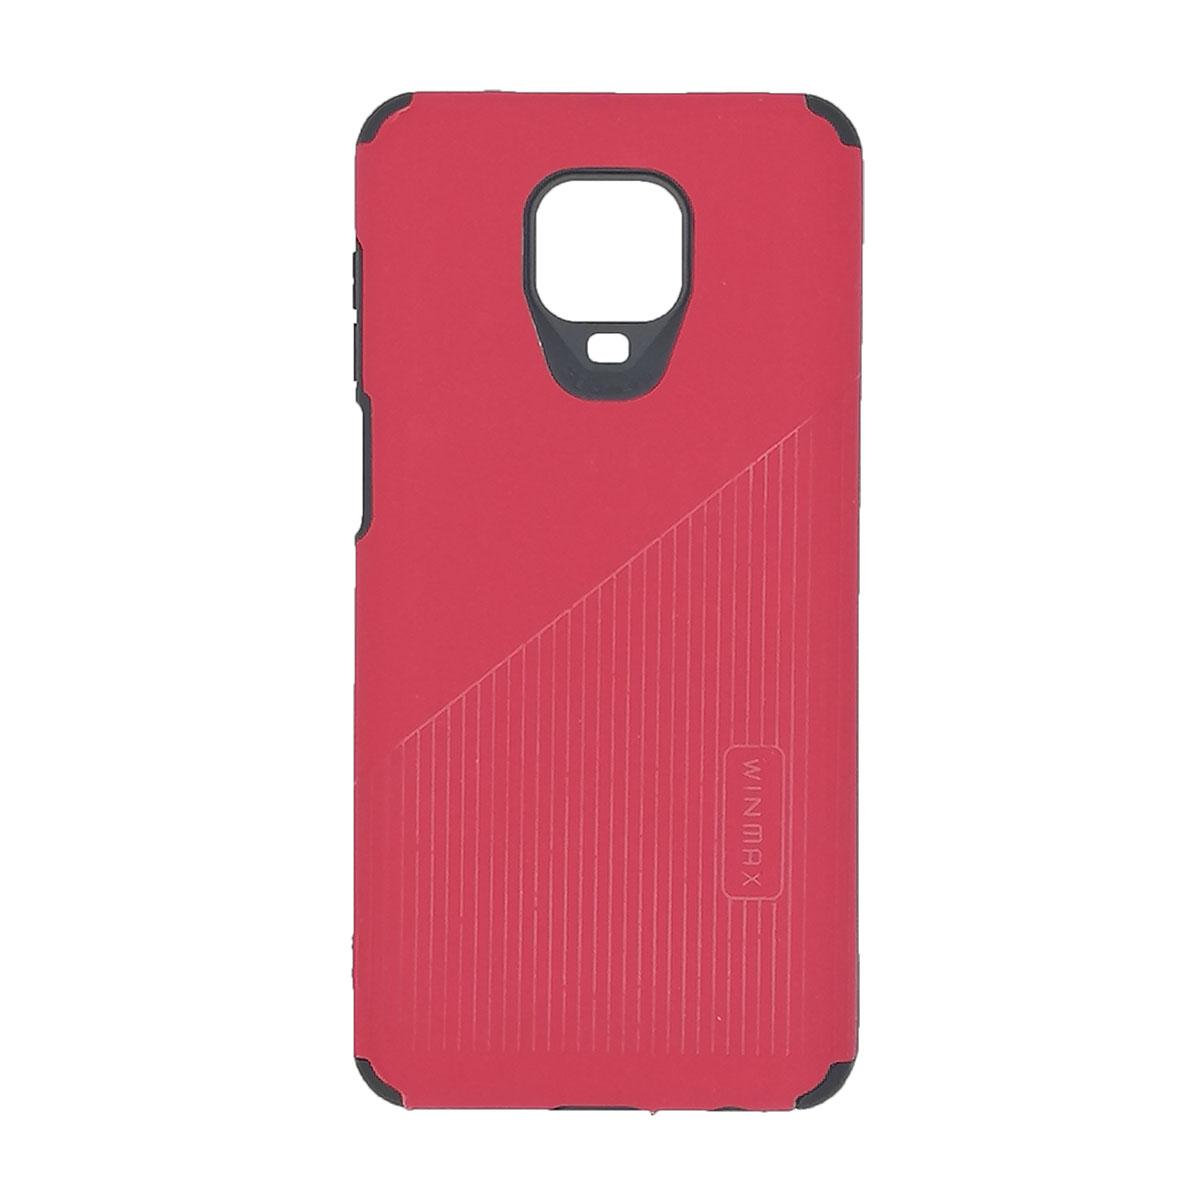 کاور مدل Hami مناسب برای گوشی موبایل شیائومی Note 9s/9Pro